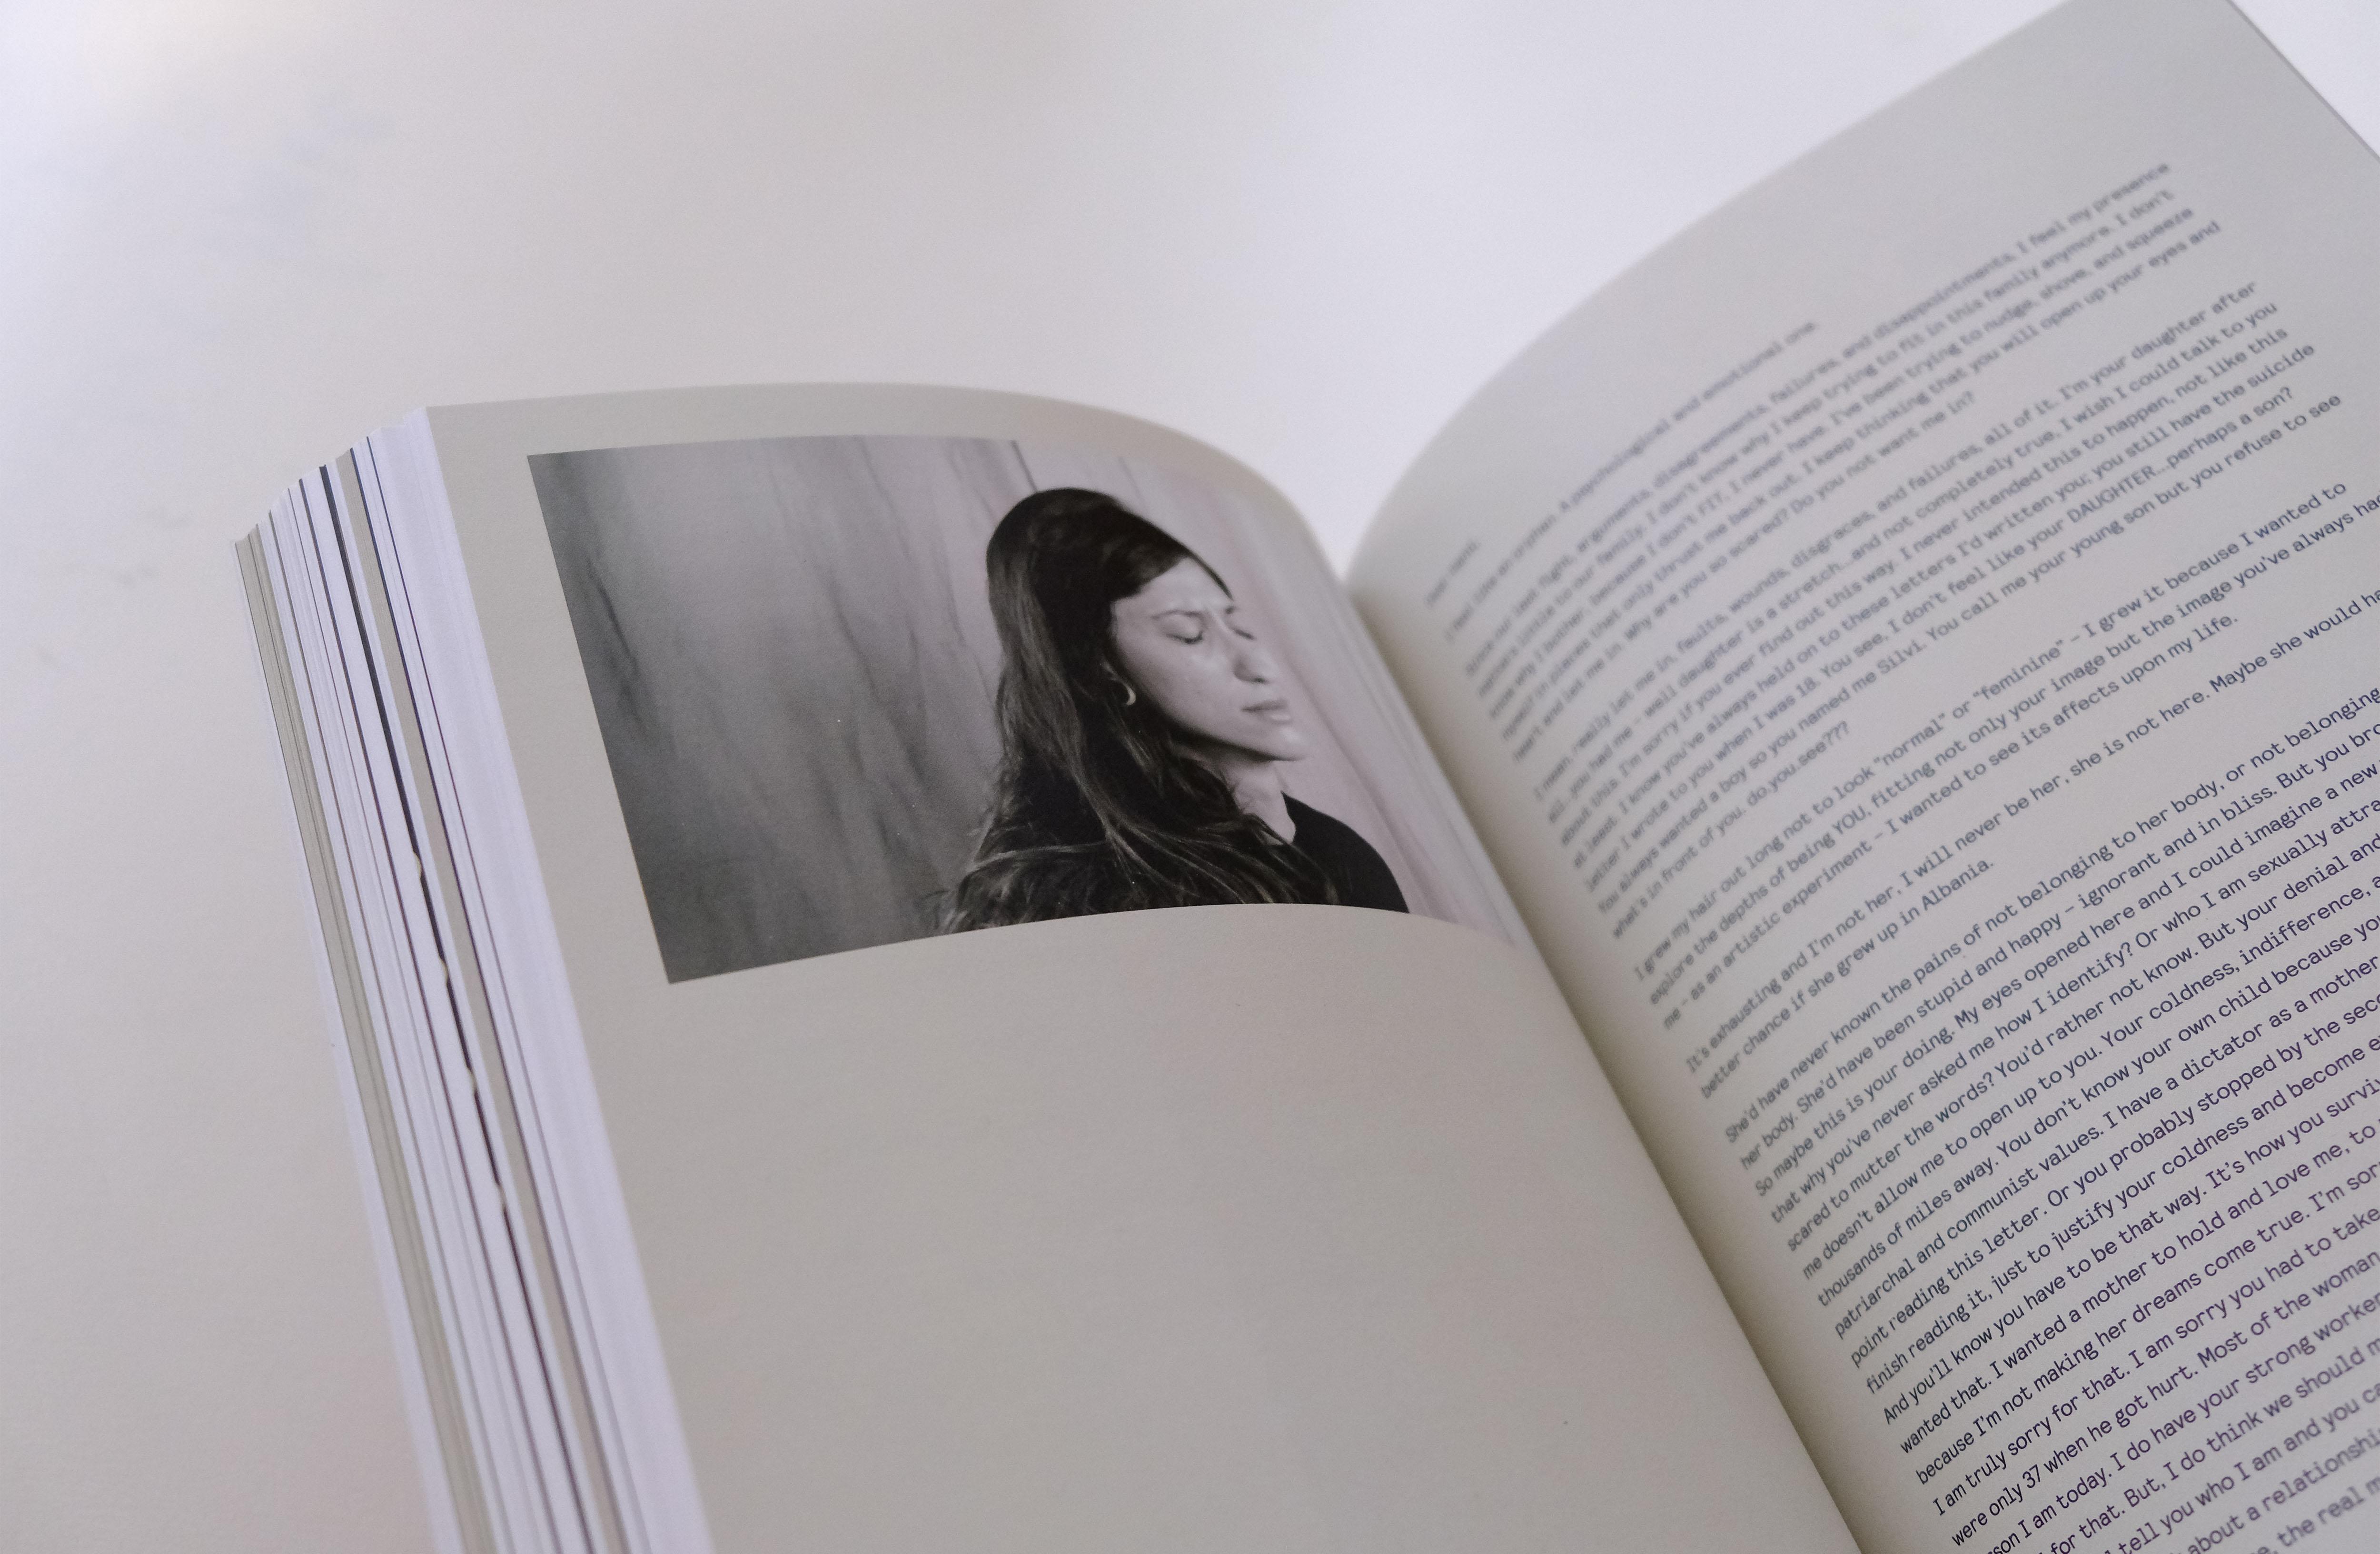 hamerika_book_shots_0001_DSCF0428